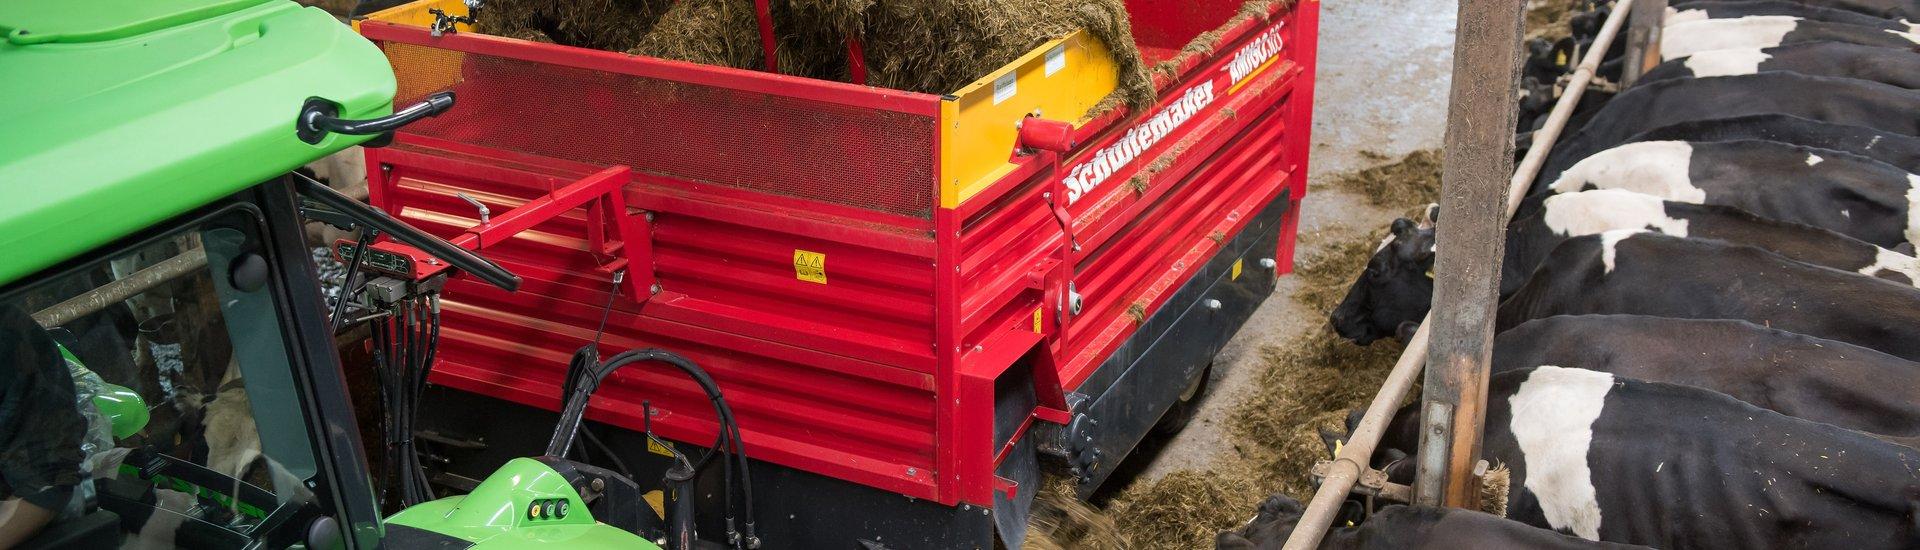 Schuitemaker block wagon